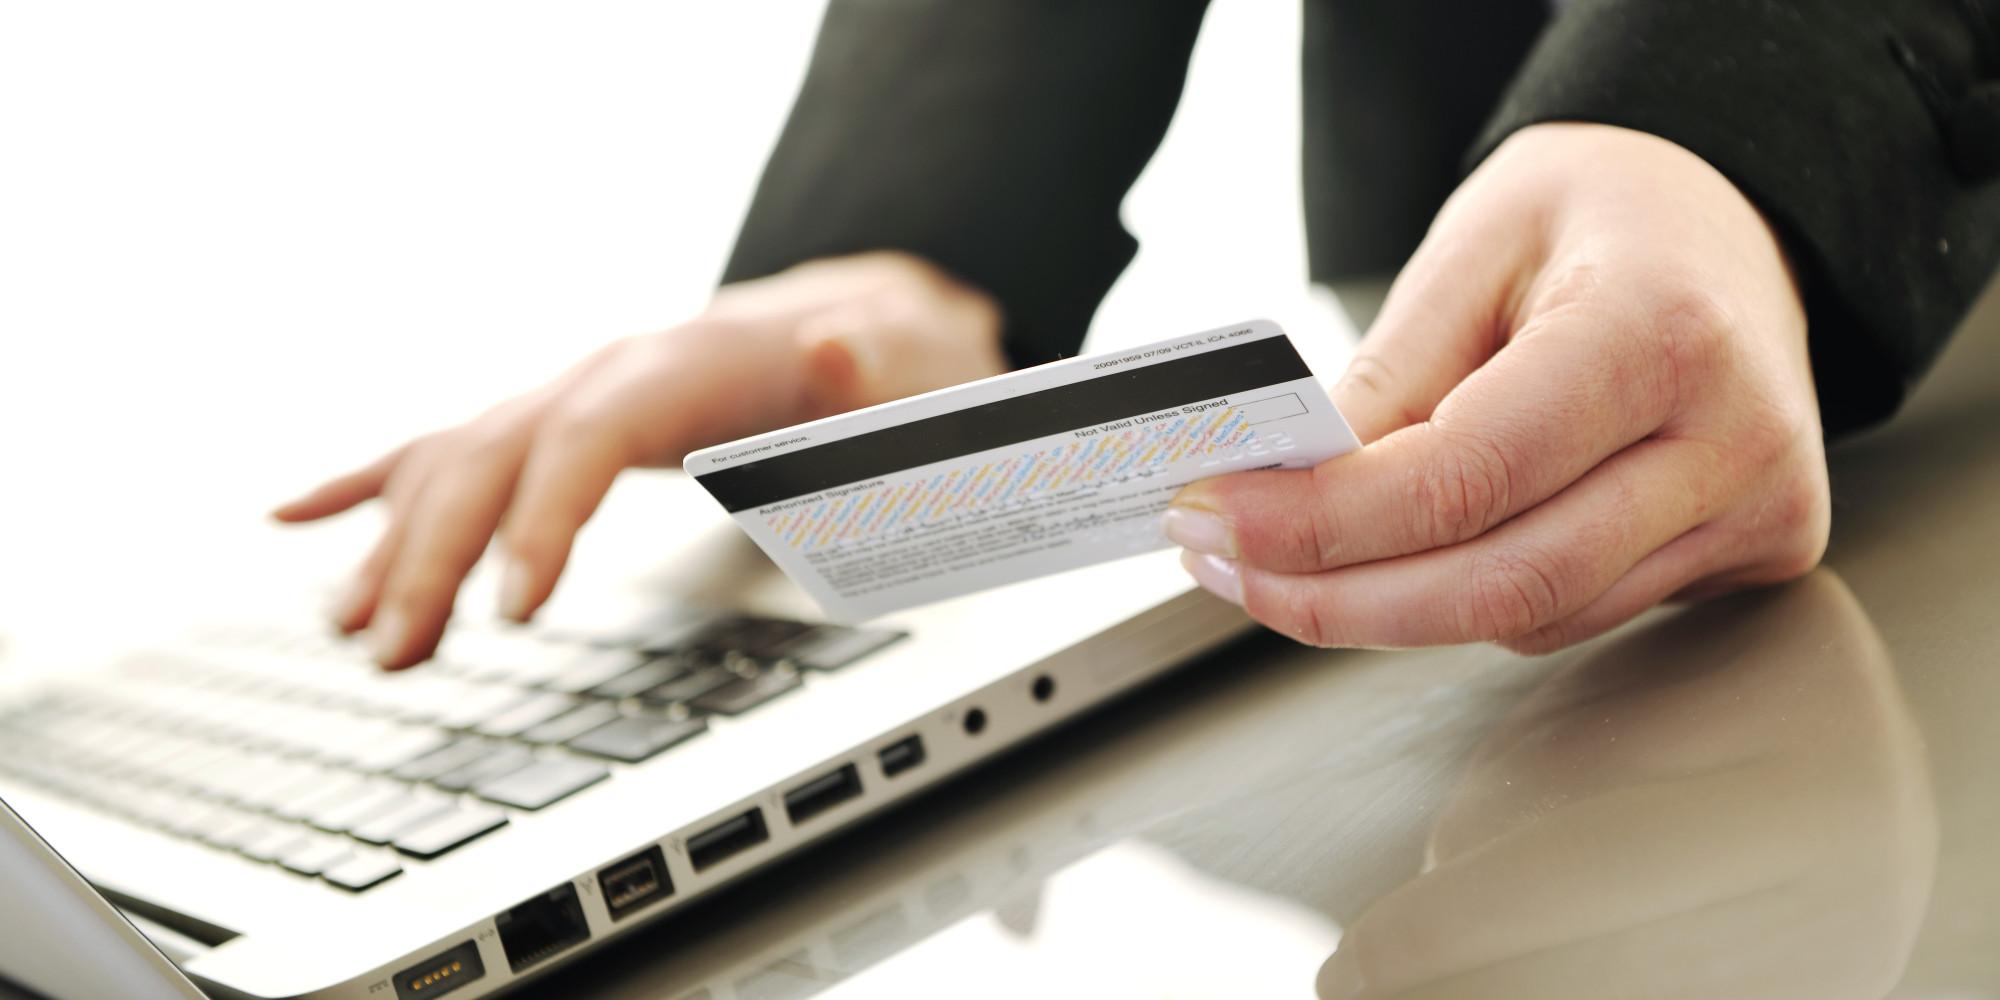 Προσοχή σε email με κακόβουλο λογισμικό για χρήστες e-banking